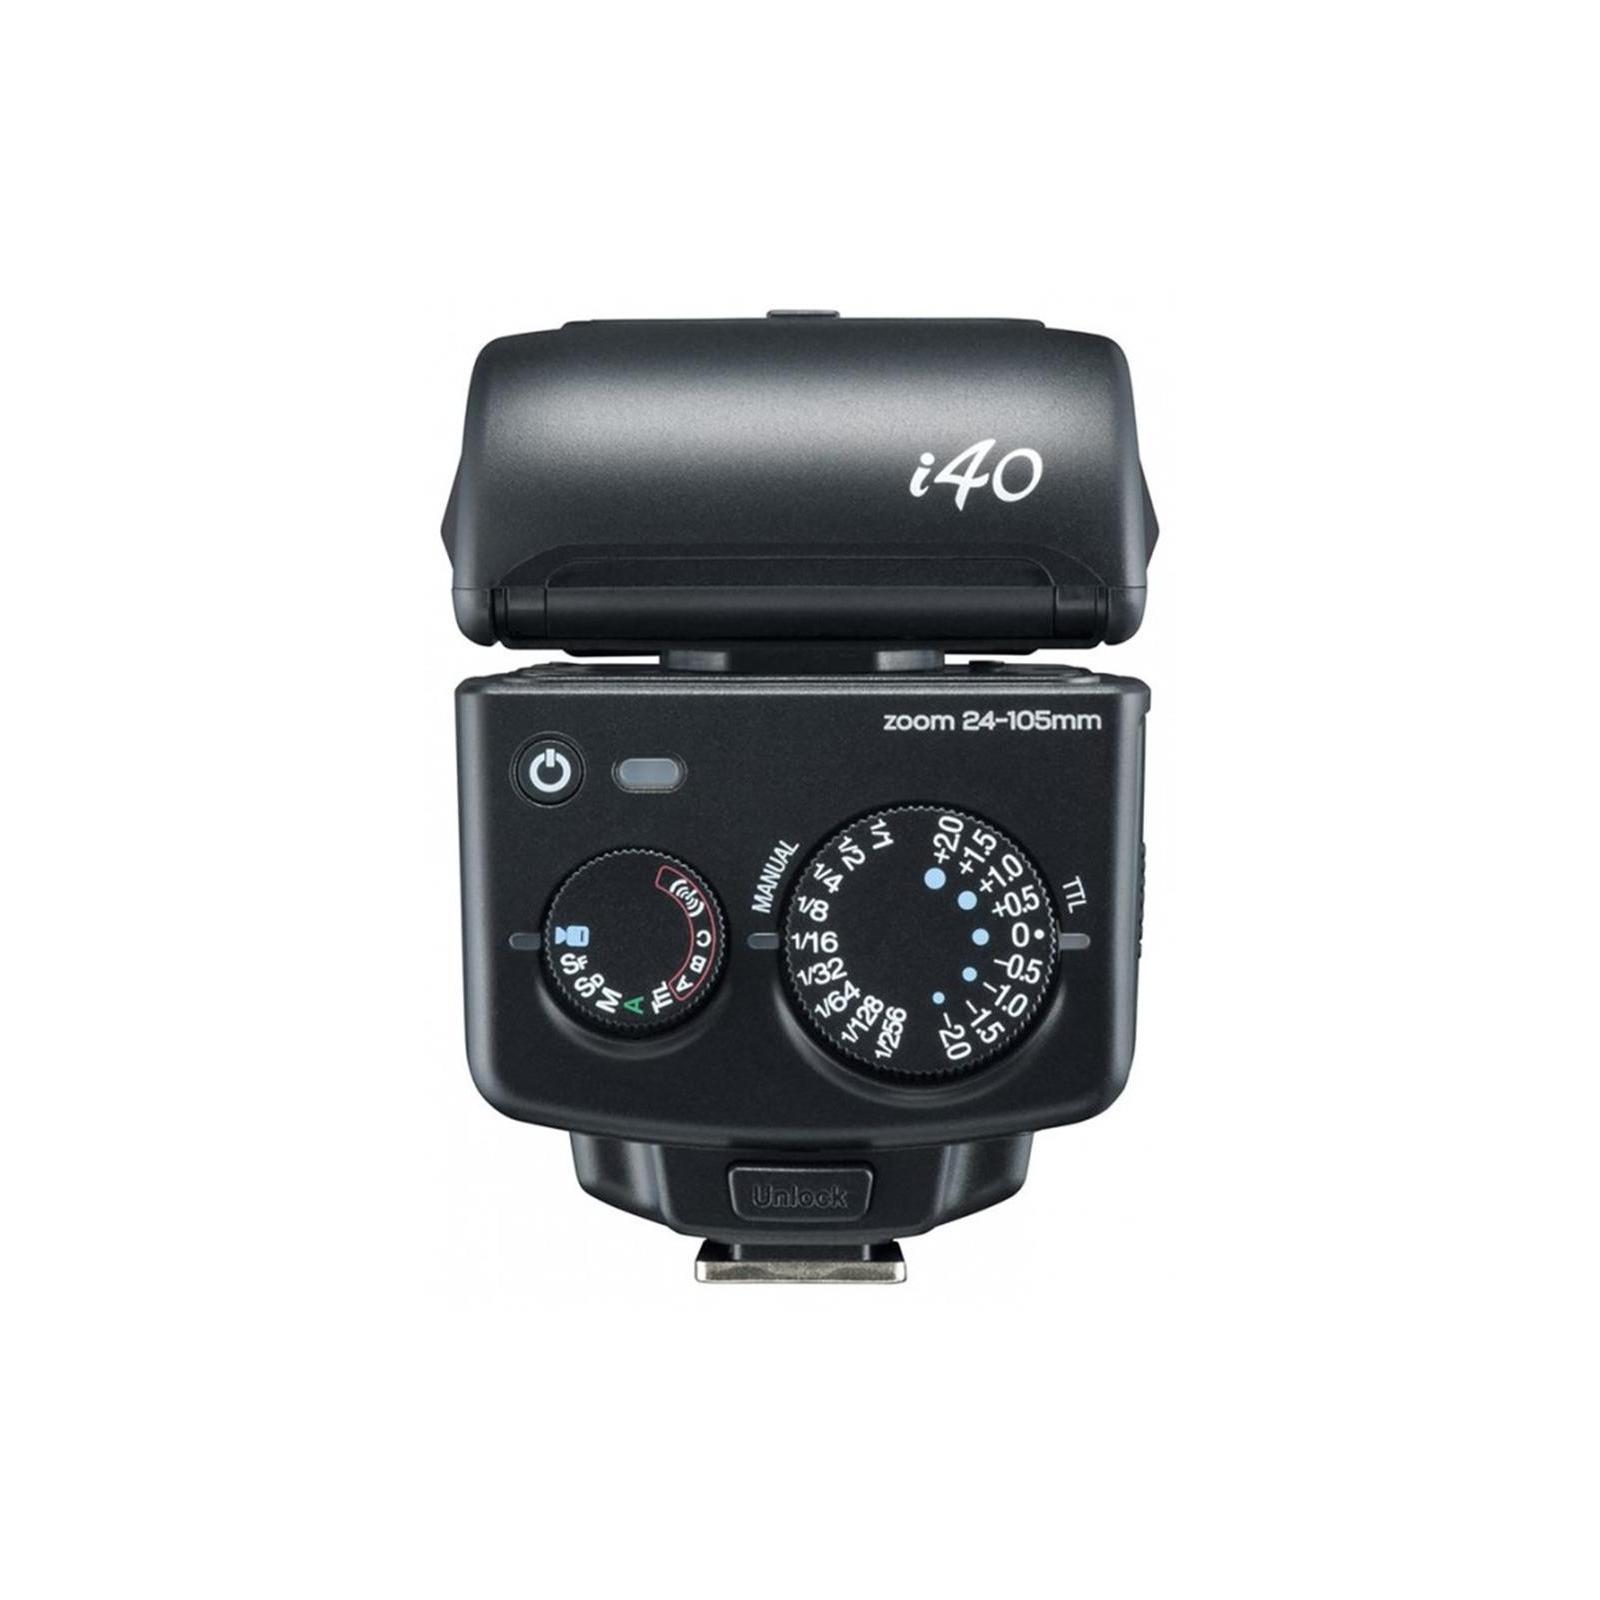 Вспышка Nissin Speedlite i40 Fujifilm (N081) изображение 4